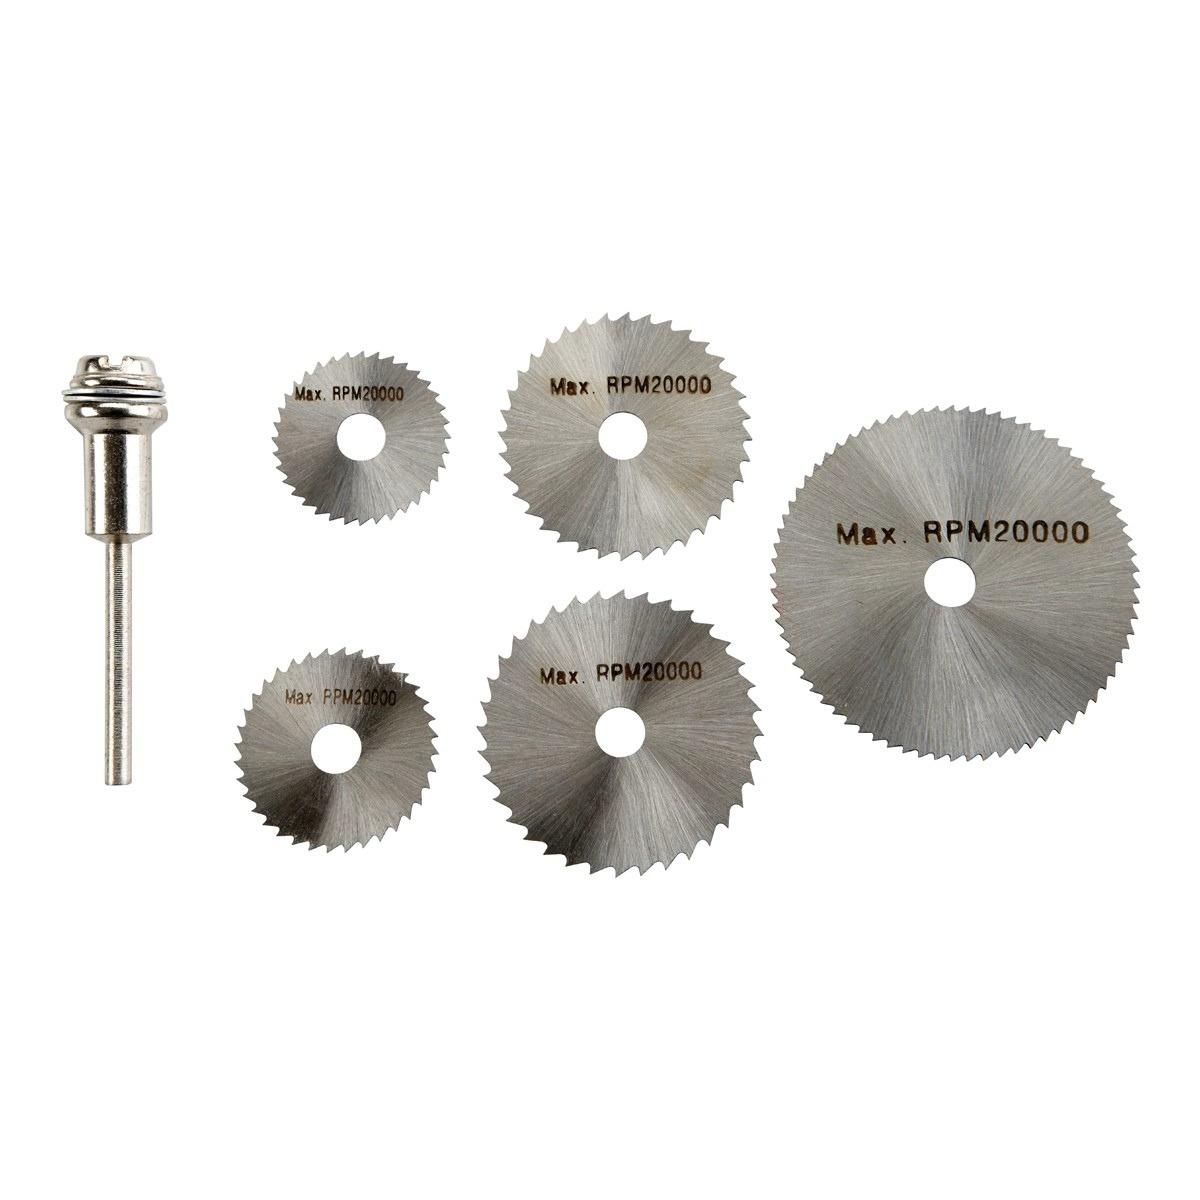 Discos corte para dremel minitaladro madera aluminio cobre - Disco corte aluminio ...